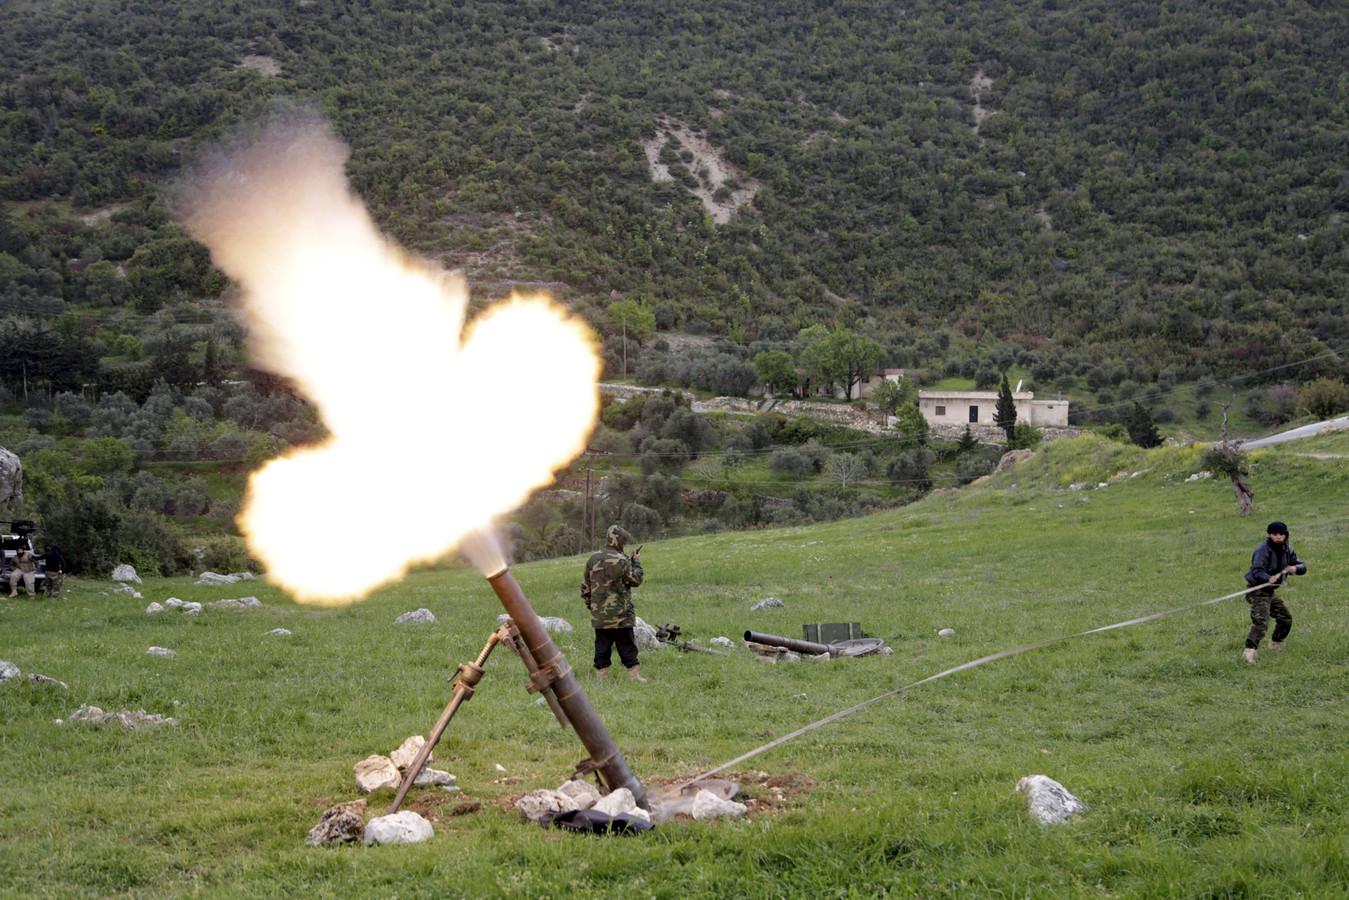 Beelden van de strijd om de Al Ghab-vlakte waar Syrische oppositiegroepen in 2015 tegen regeringstroepen van Assad vochten